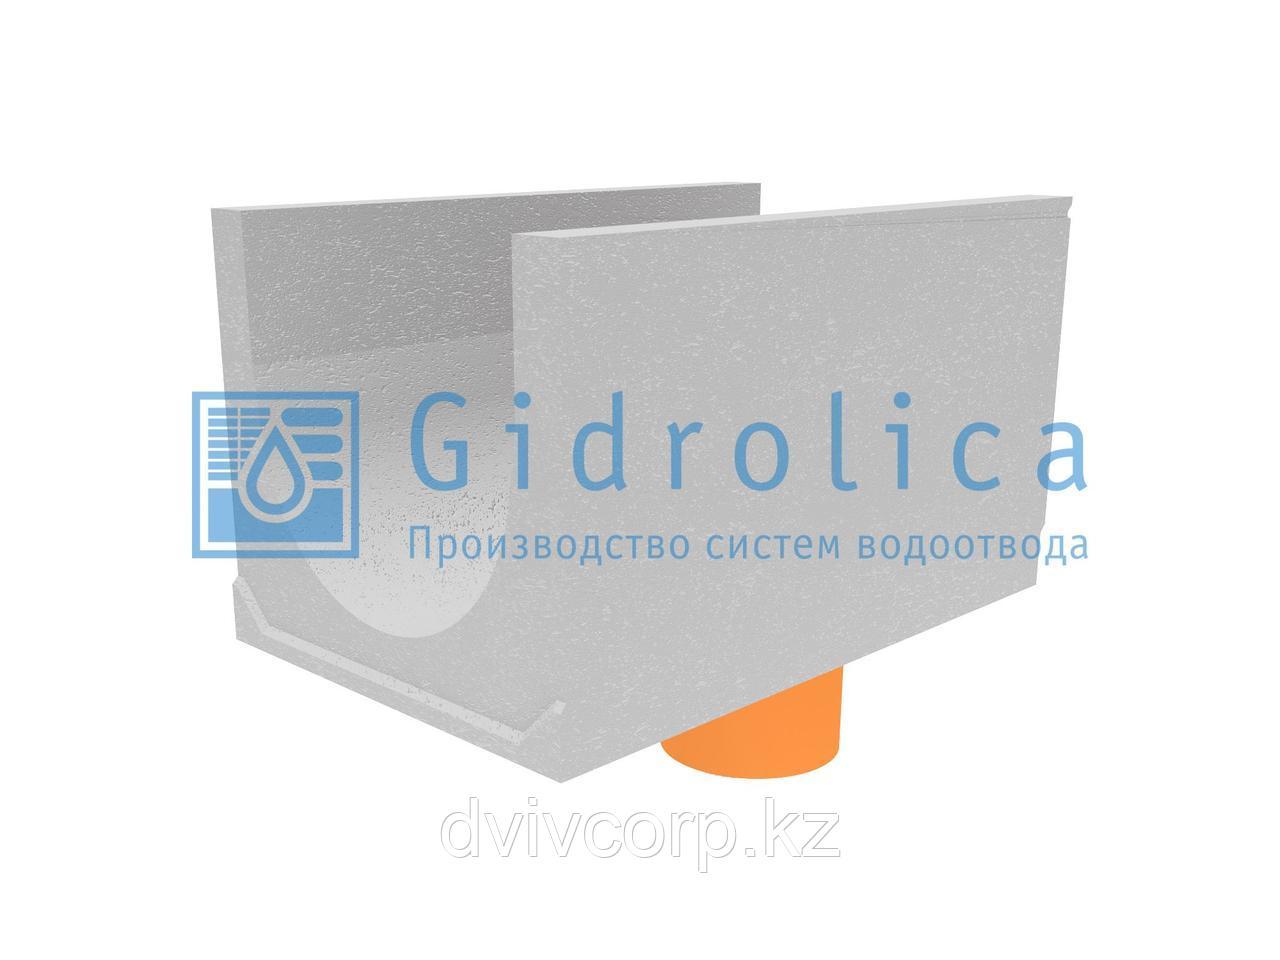 Лоток водоотводный бетонный коробчатый (СО-500мм), с водосливом КUв 100.65(50).57,5(48,5) - BGU-XL, № 25-0